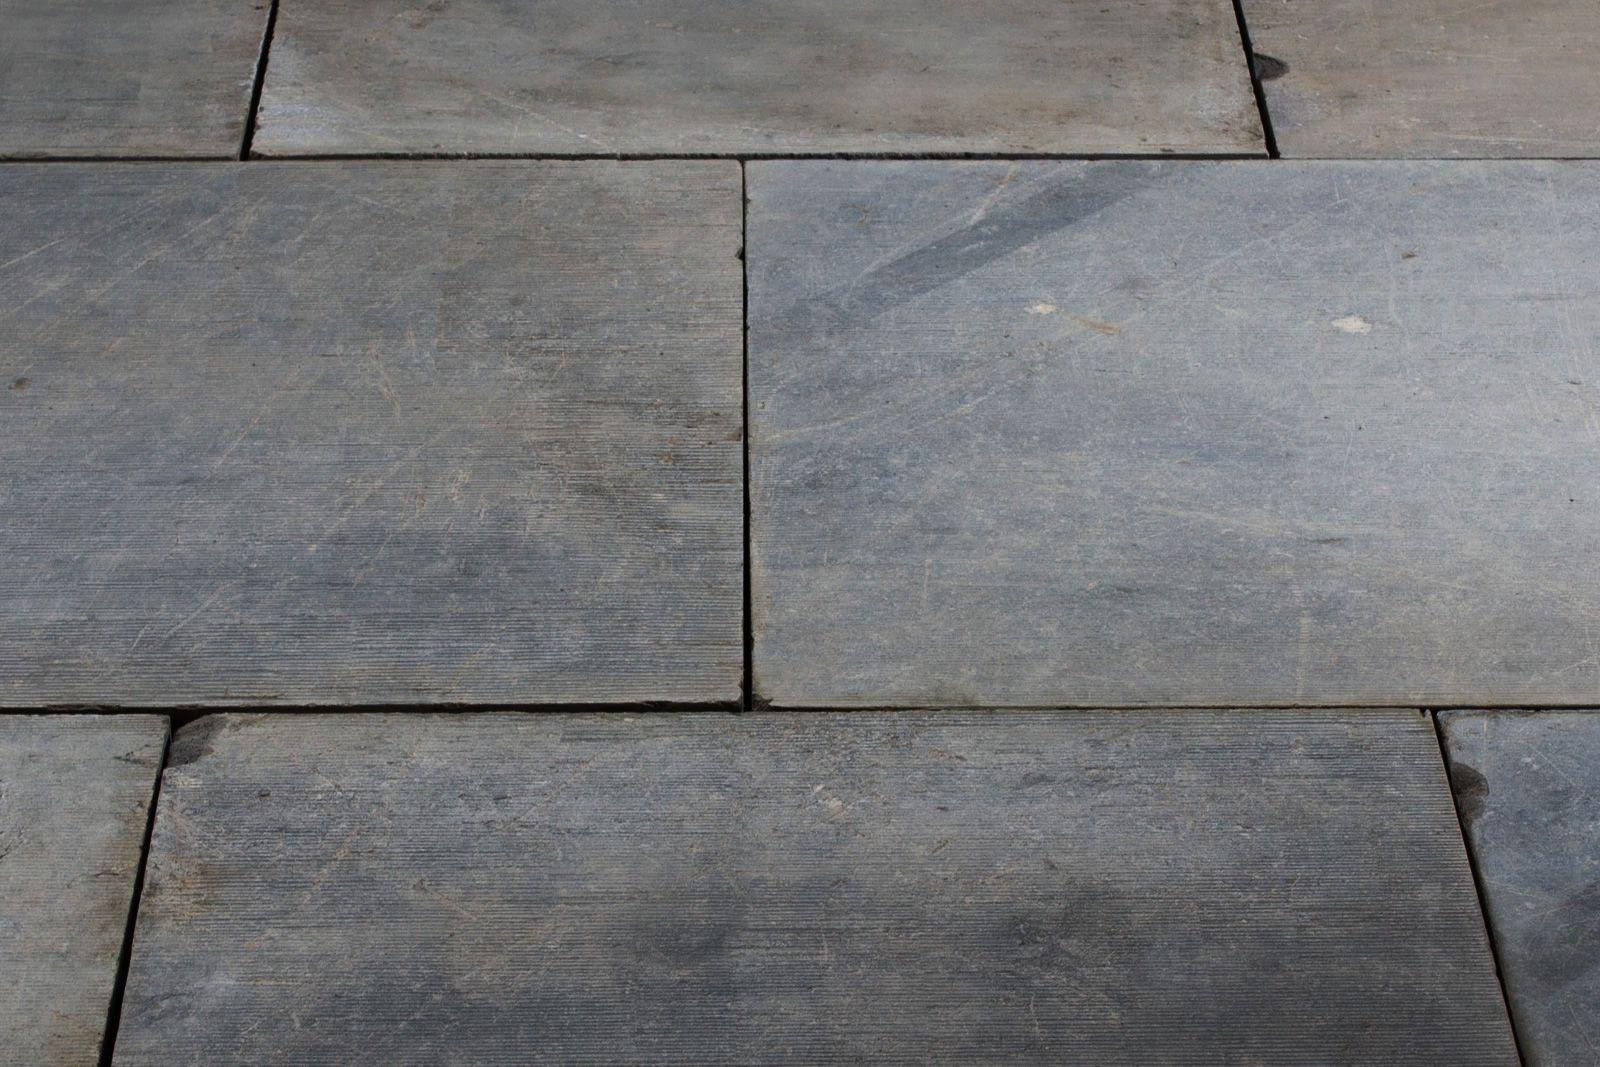 #Belgischen Steinplatten   Opkamer Belgischen Blaustein   # Naturstein  Ideen | De Opkamer.de